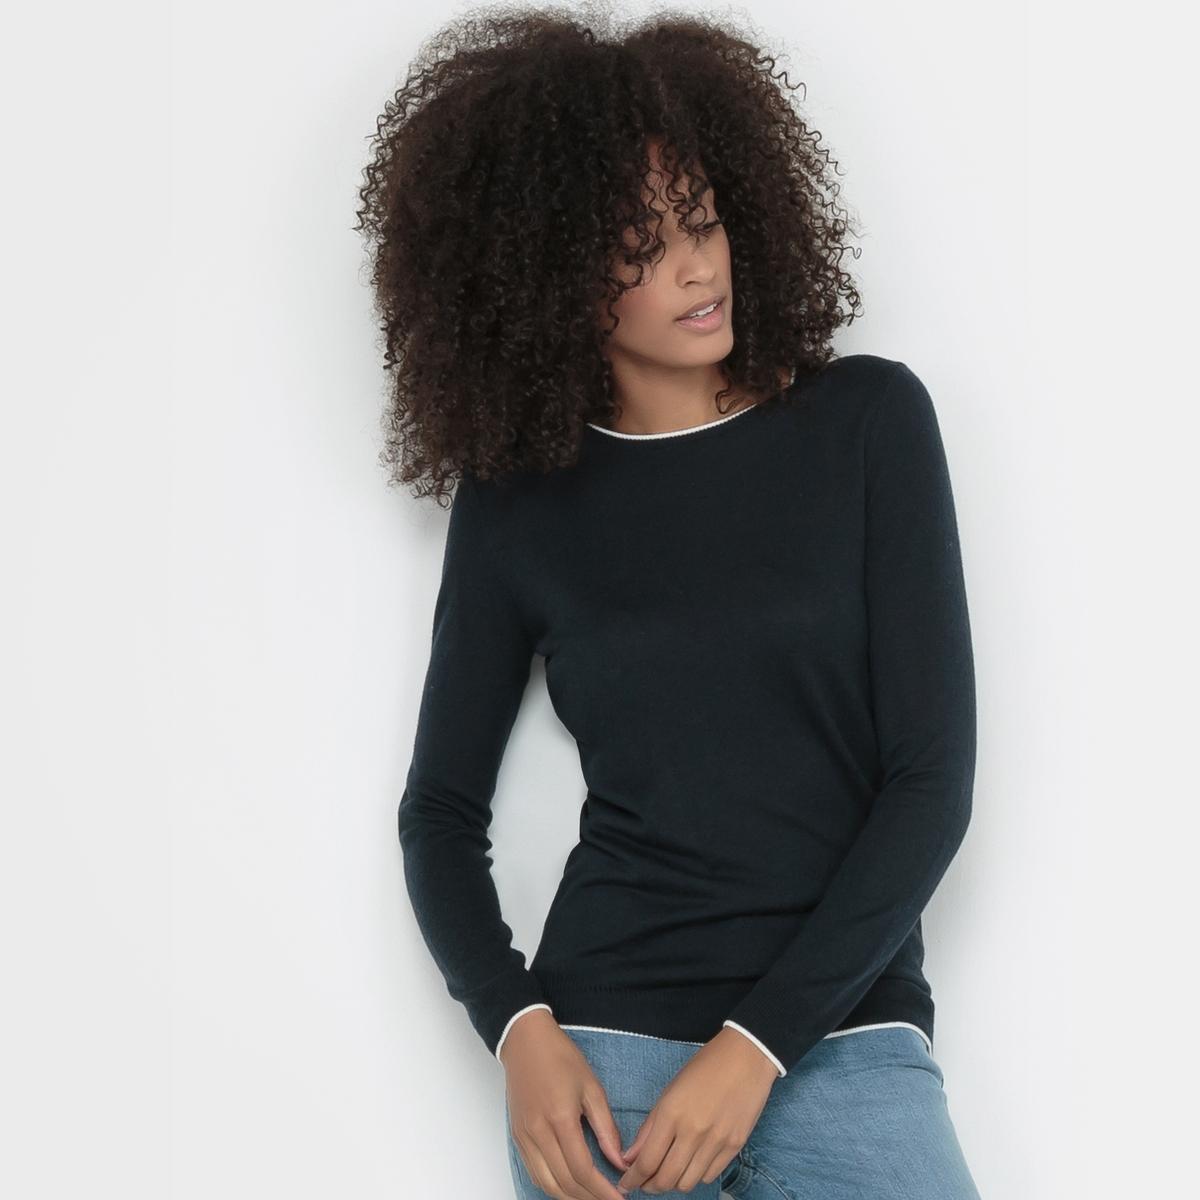 Пуловер с круглым вырезом из смешанной ткани с шерстьюПуловер. Длинные рукава, круглый вырез. Края выреза и рукавов контрастного цвета в рубчик. Смешанная ткань с шерстью. Состав и описаниеМарка : R Essentiel.Материал : 50% вискозы, 40% акрила, 10% шерсти мериноса.Длина : 65 см100% применяемой шерсти мериноса получено без процедуры мьюлесинга, что гарантирует благополучие животных.УходМашинная стирка при 30 °C   Стирать с вещами схожих цветов Утюжить на низкой температуре с изнаночной стороныМашинная сушка запрещенаСухая (химическая) чистка разрешена.<br><br>Цвет: красный,серый меланж,синий морской,слоновая кость,черный<br>Размер: 50/52 (FR) - 56/58 (RUS).46/48 (FR) - 52/54 (RUS)